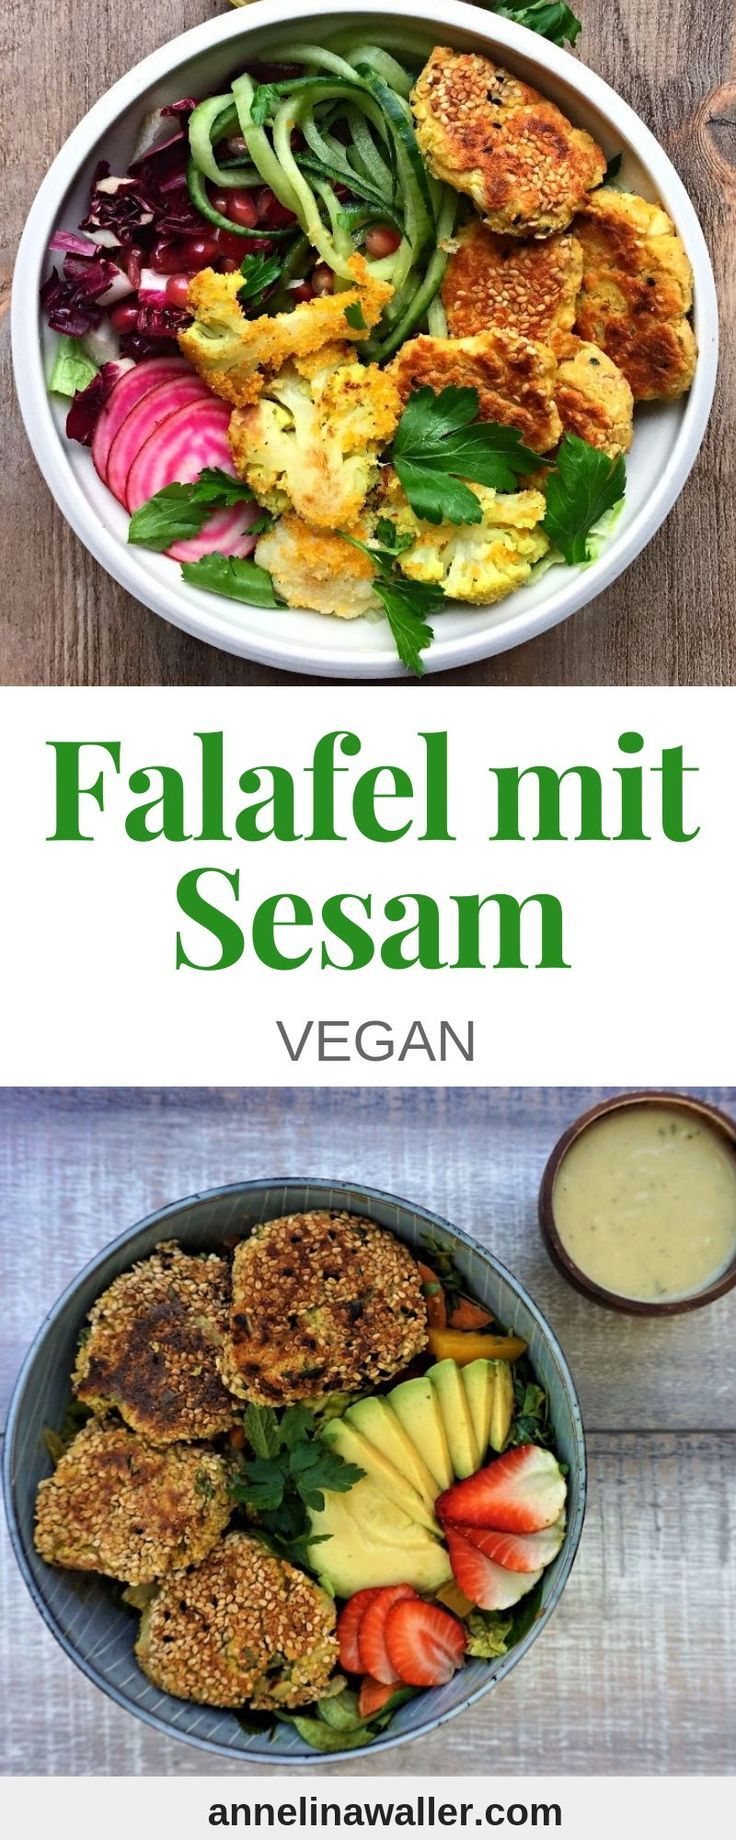 Oilfree Easy Falafel With Sesame Rezept Vegane Rezepte Vegane Rezepte Gesund Gesunde Vegane Rezepte